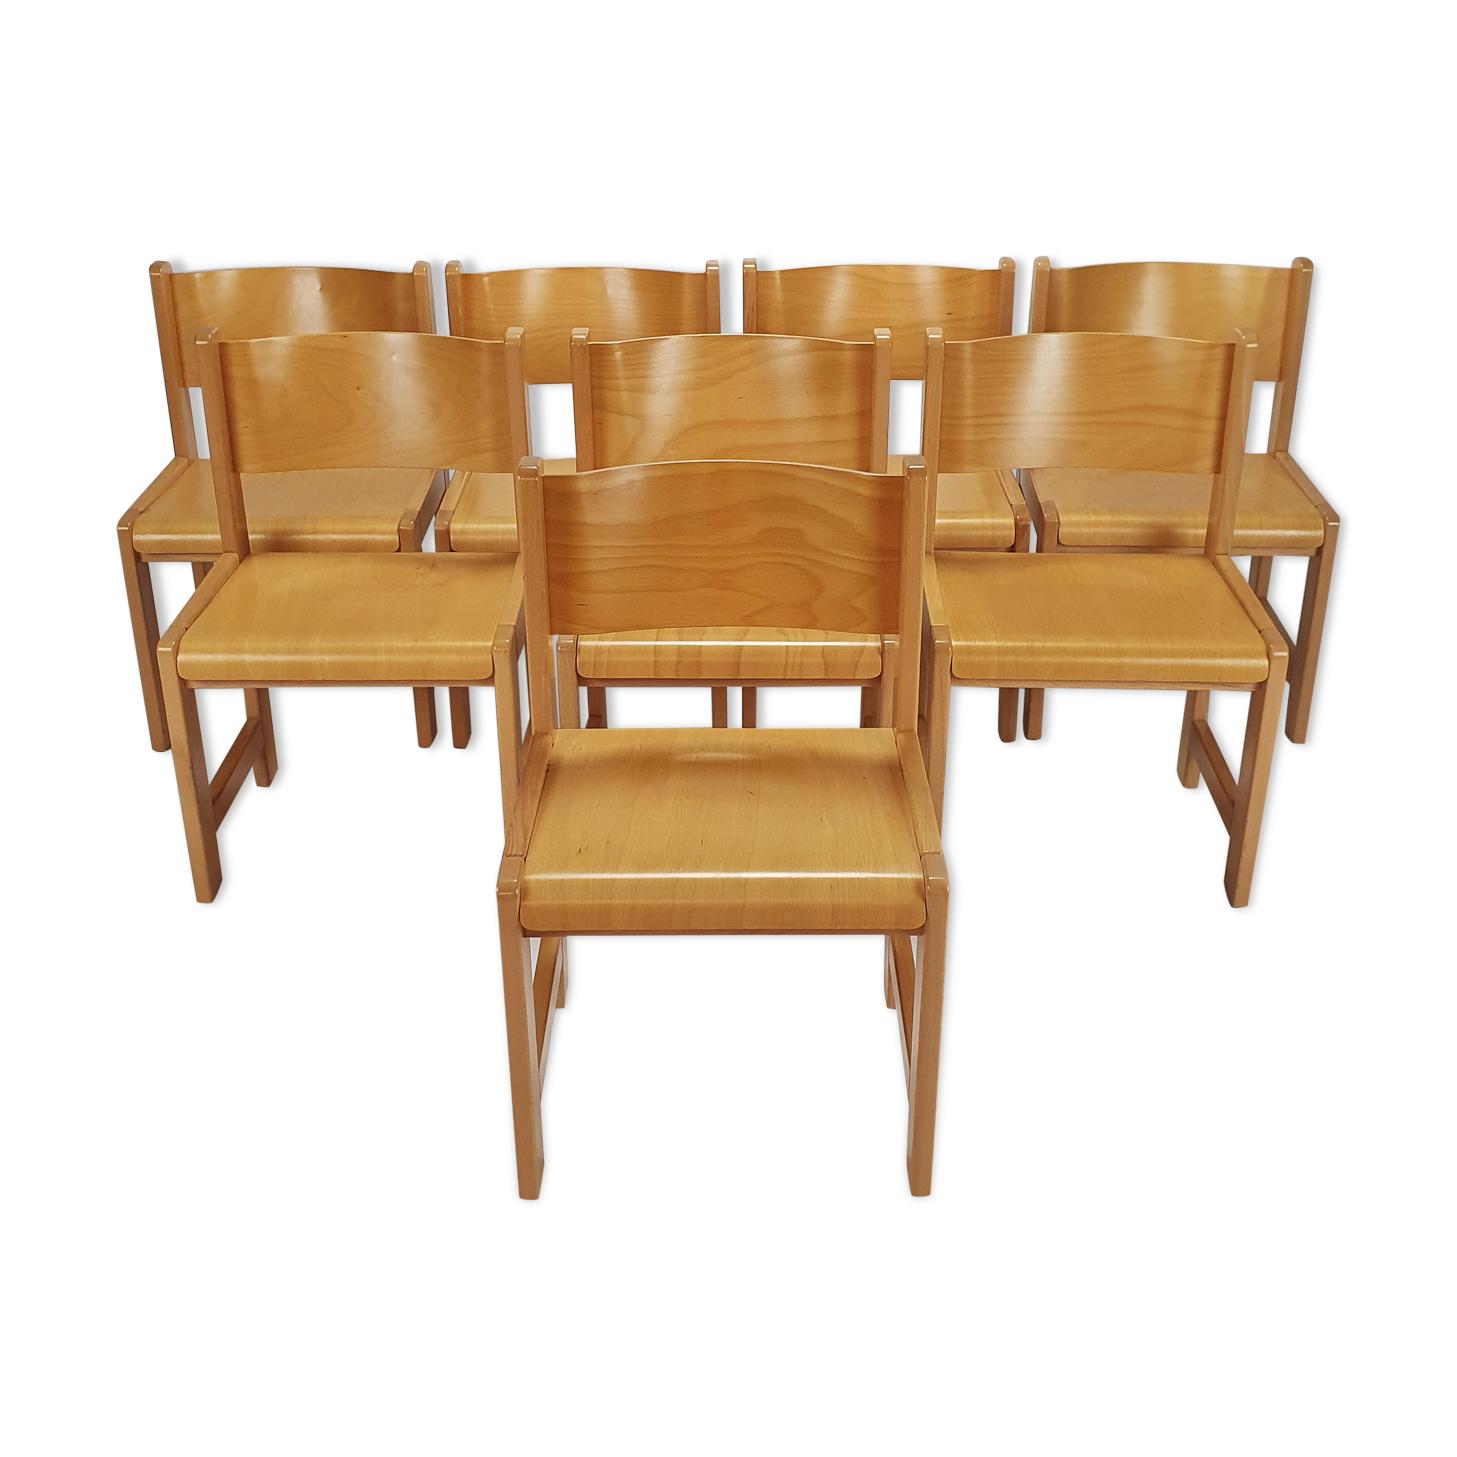 Ensemble de 8 chaises de salle à manger en bouleau, années 1980